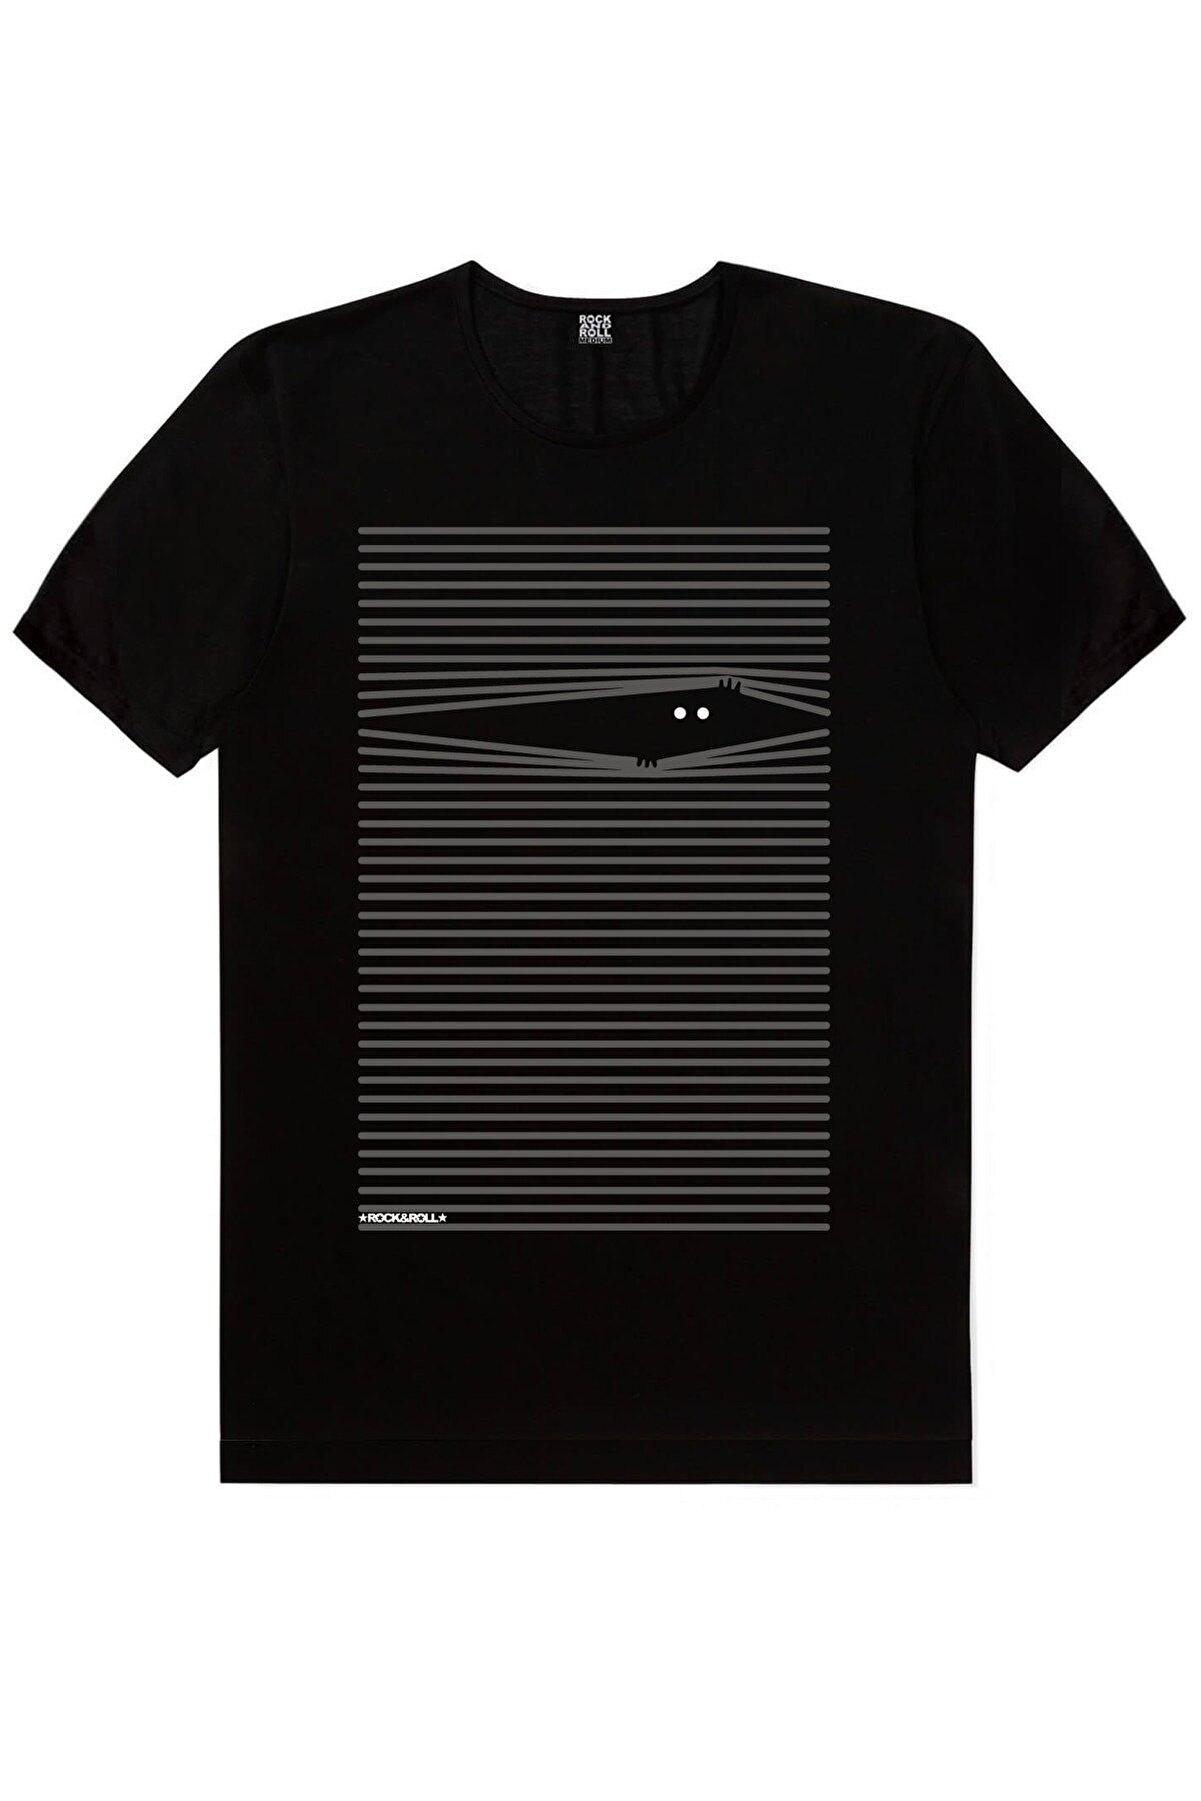 Rock & Roll Noluyo Ya Siyah Kısa Kollu Erkek T-shirt